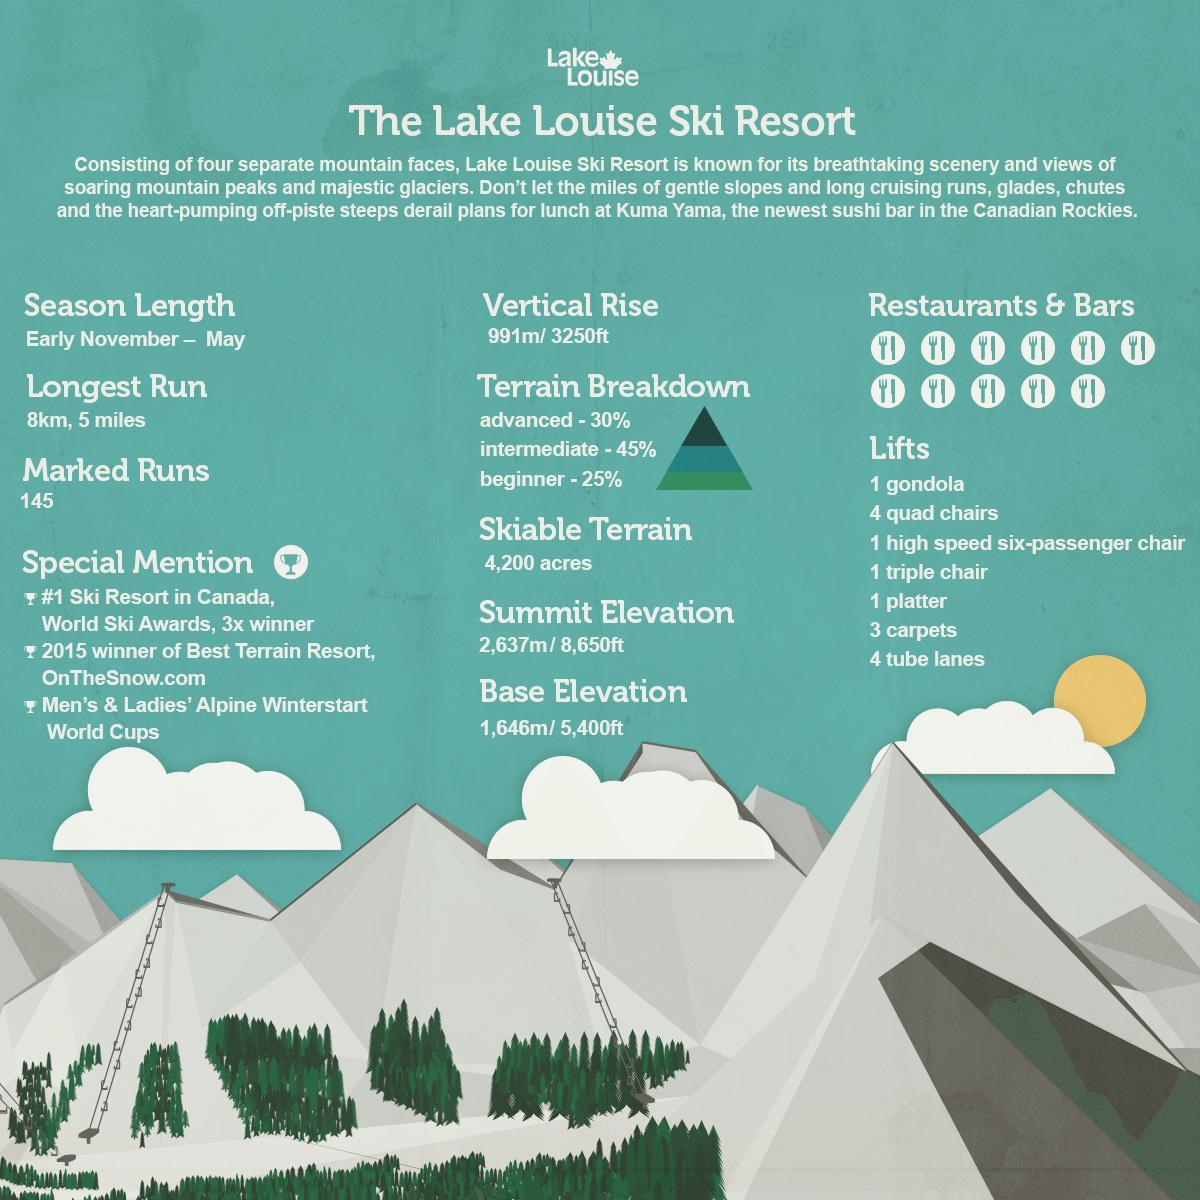 lake louise trail map pdf